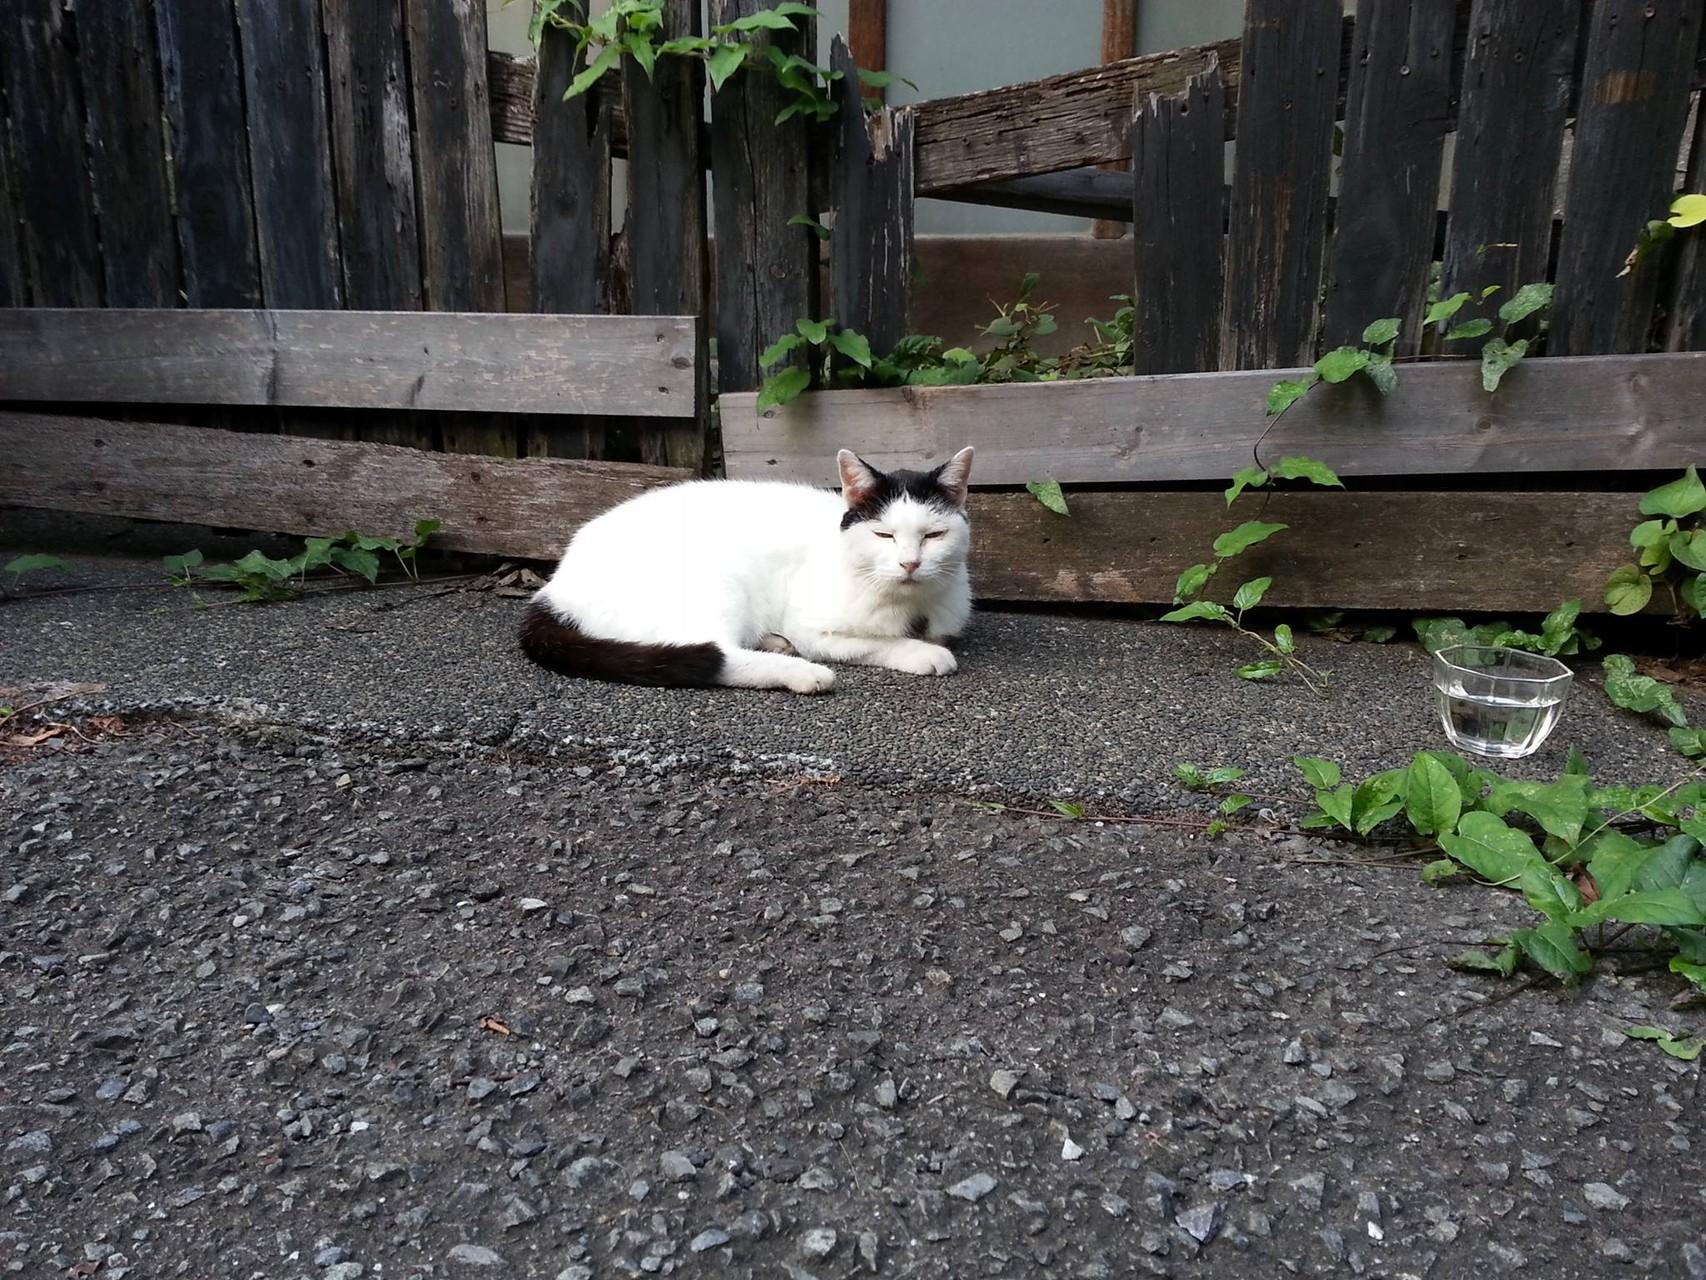 ホゲェ~~(。>д<) お疲れにゃん! 【2014年9月9日】